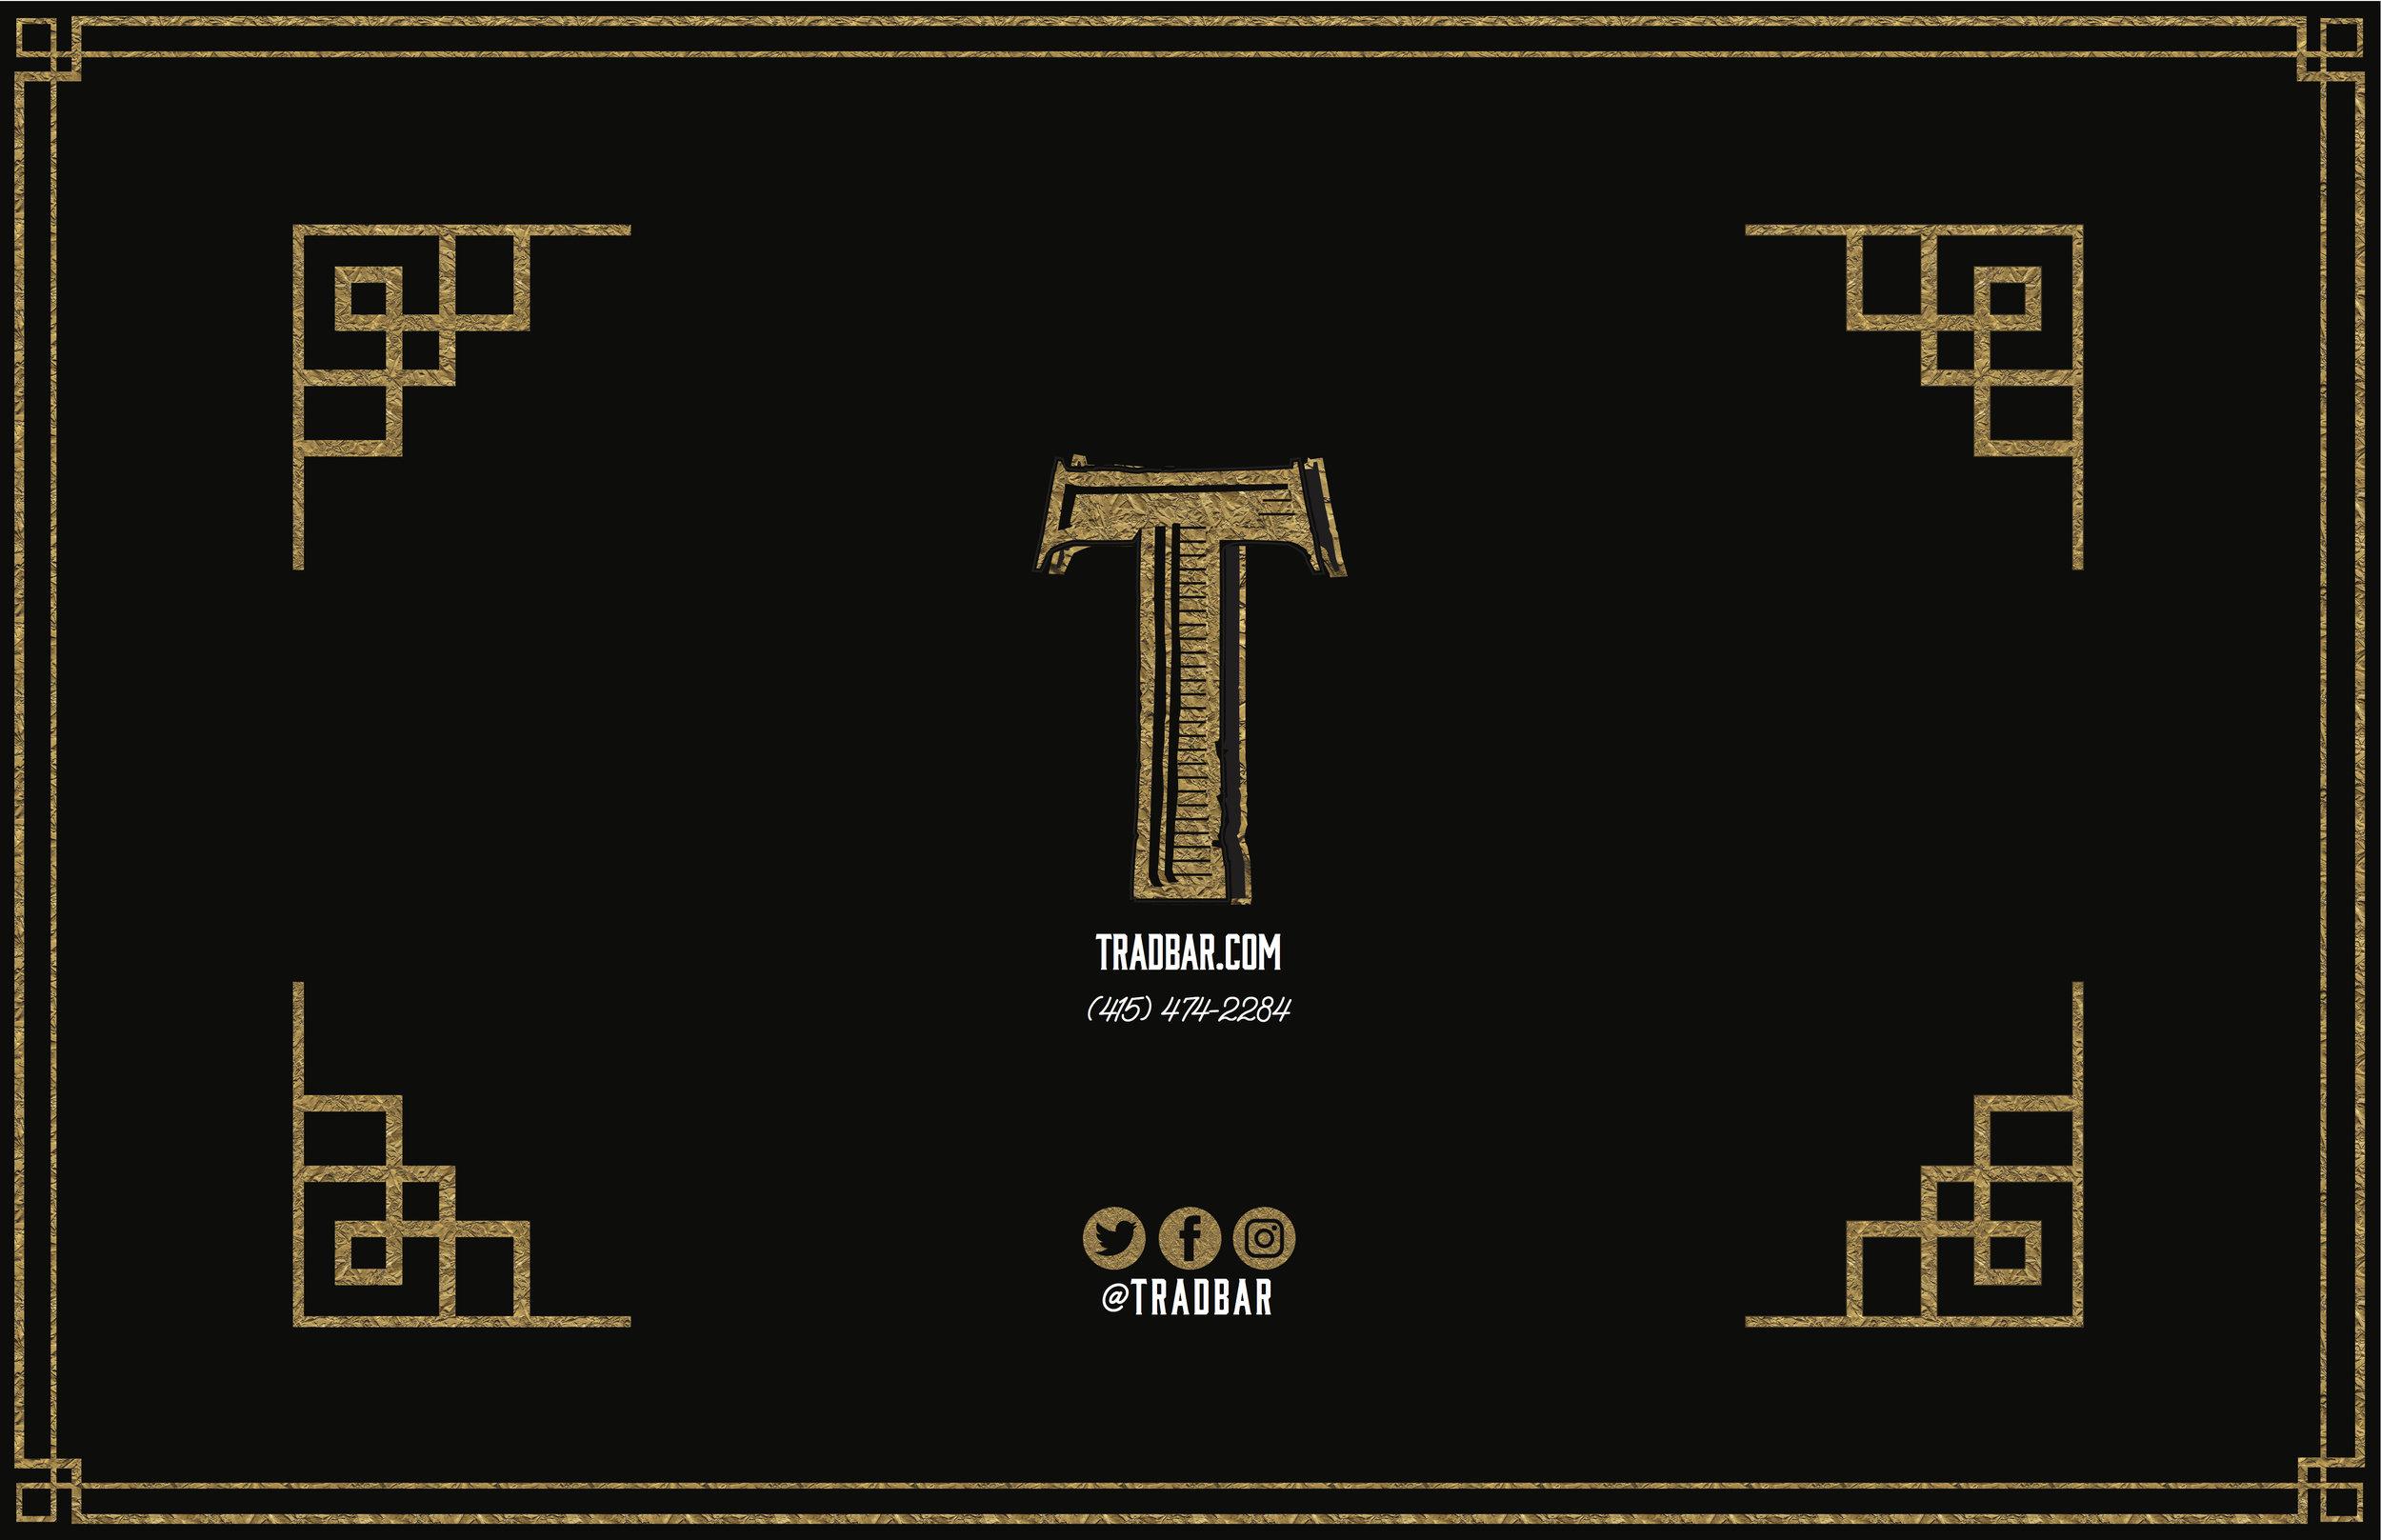 TradBACK-01.jpg